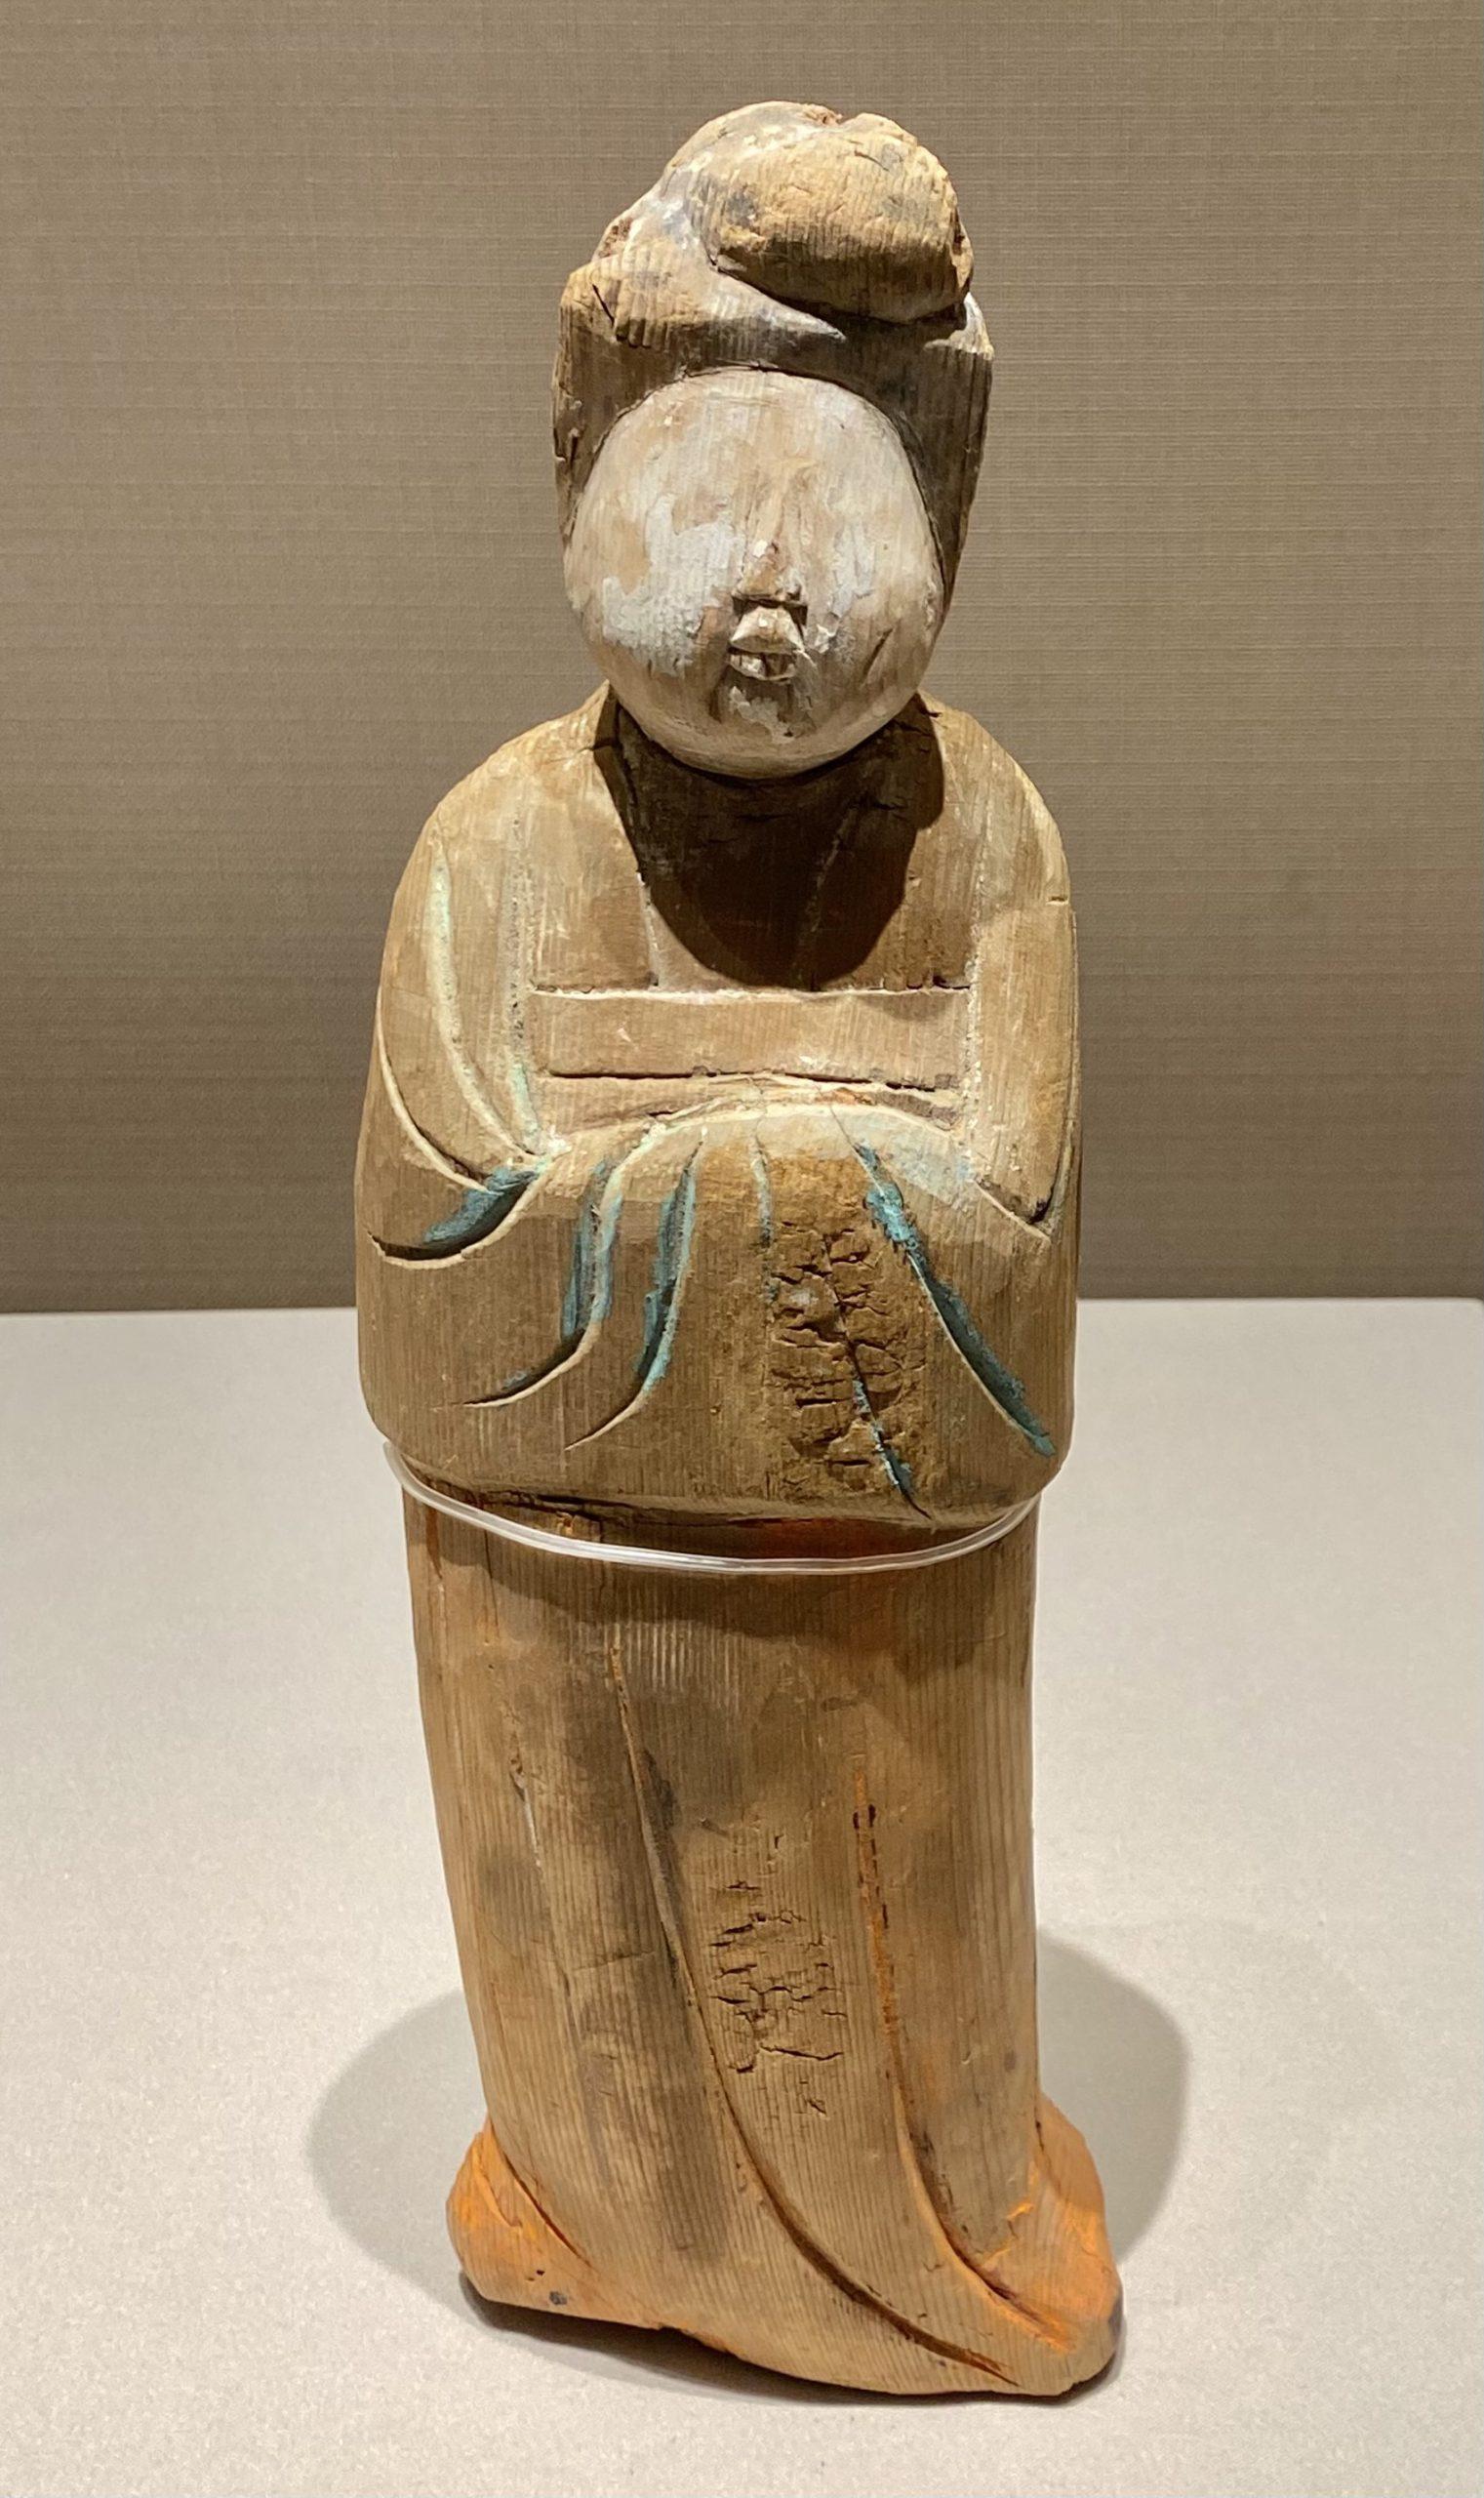 女木俑-唐時代-巡回特別展【天歌長歌-唐蕃古道】-四川博物館